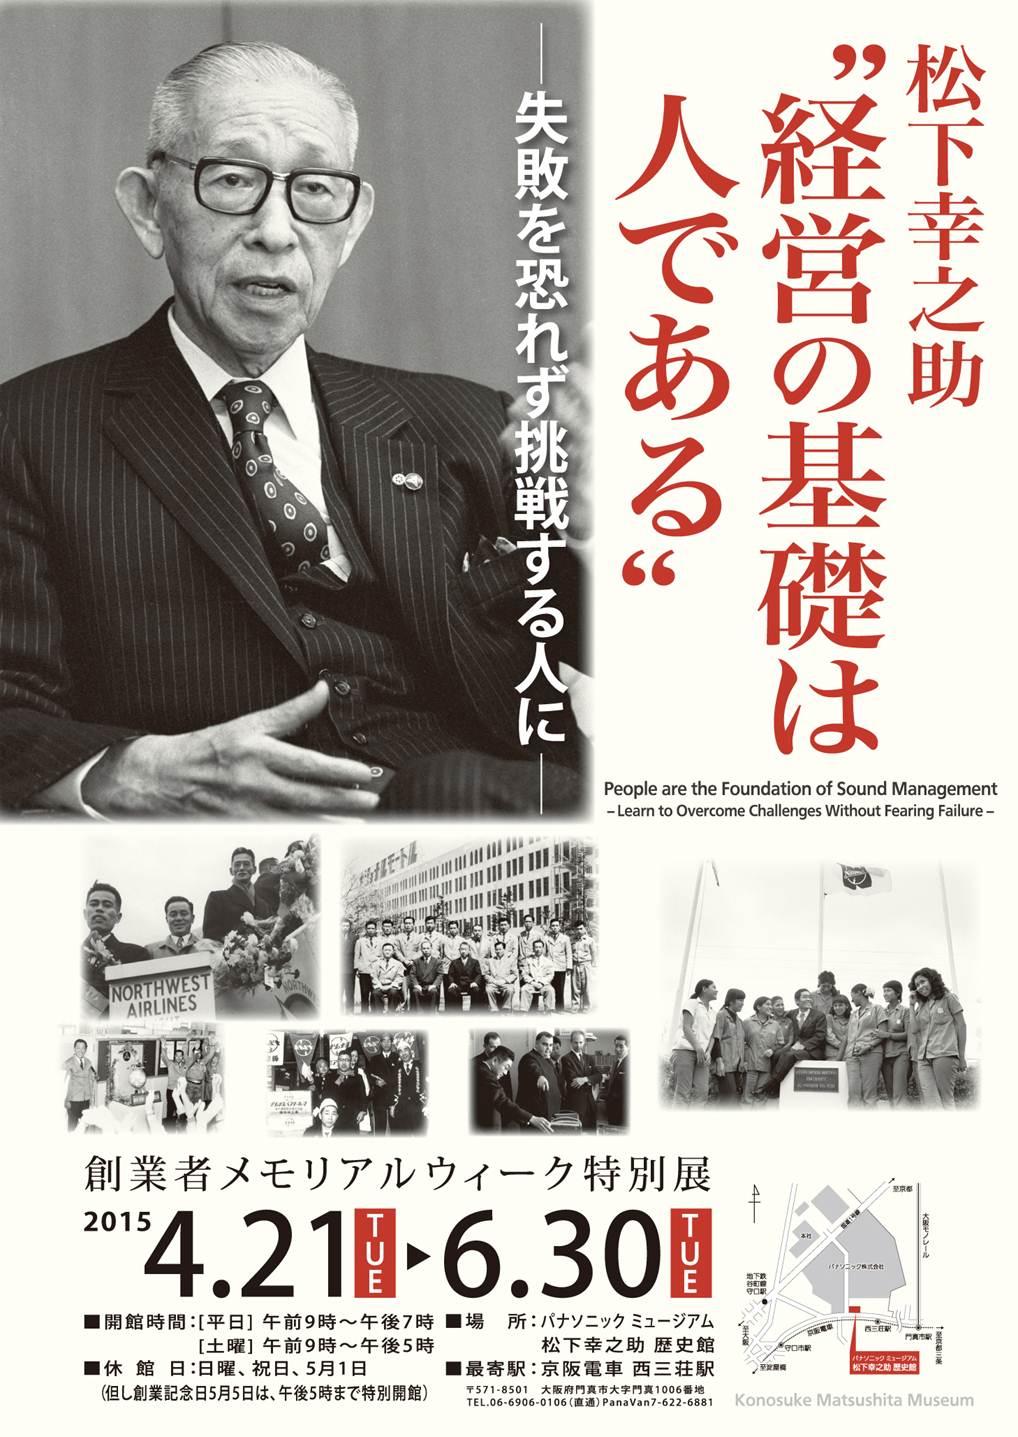 松下幸之助歴史館【特別展】松下幸之助『経営の基礎は人である』2015年6月30日まで開催中